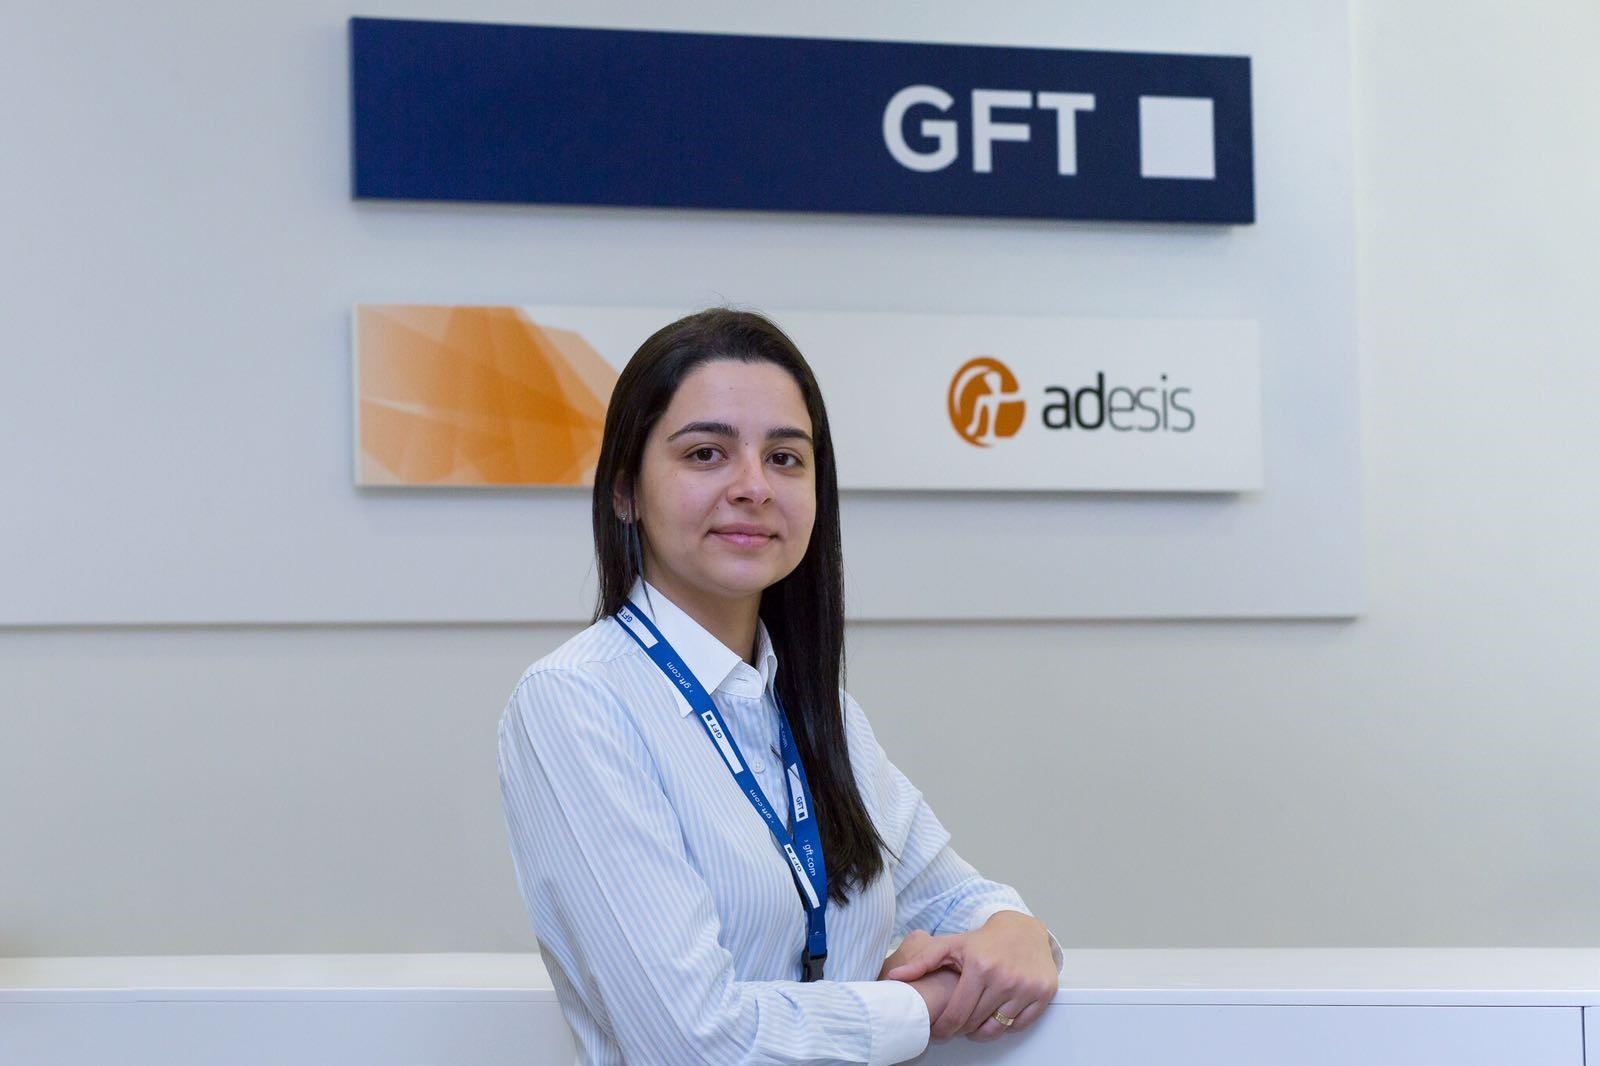 Conheça essas vagas de trabalho em Madrid e aprenda como se candidatar